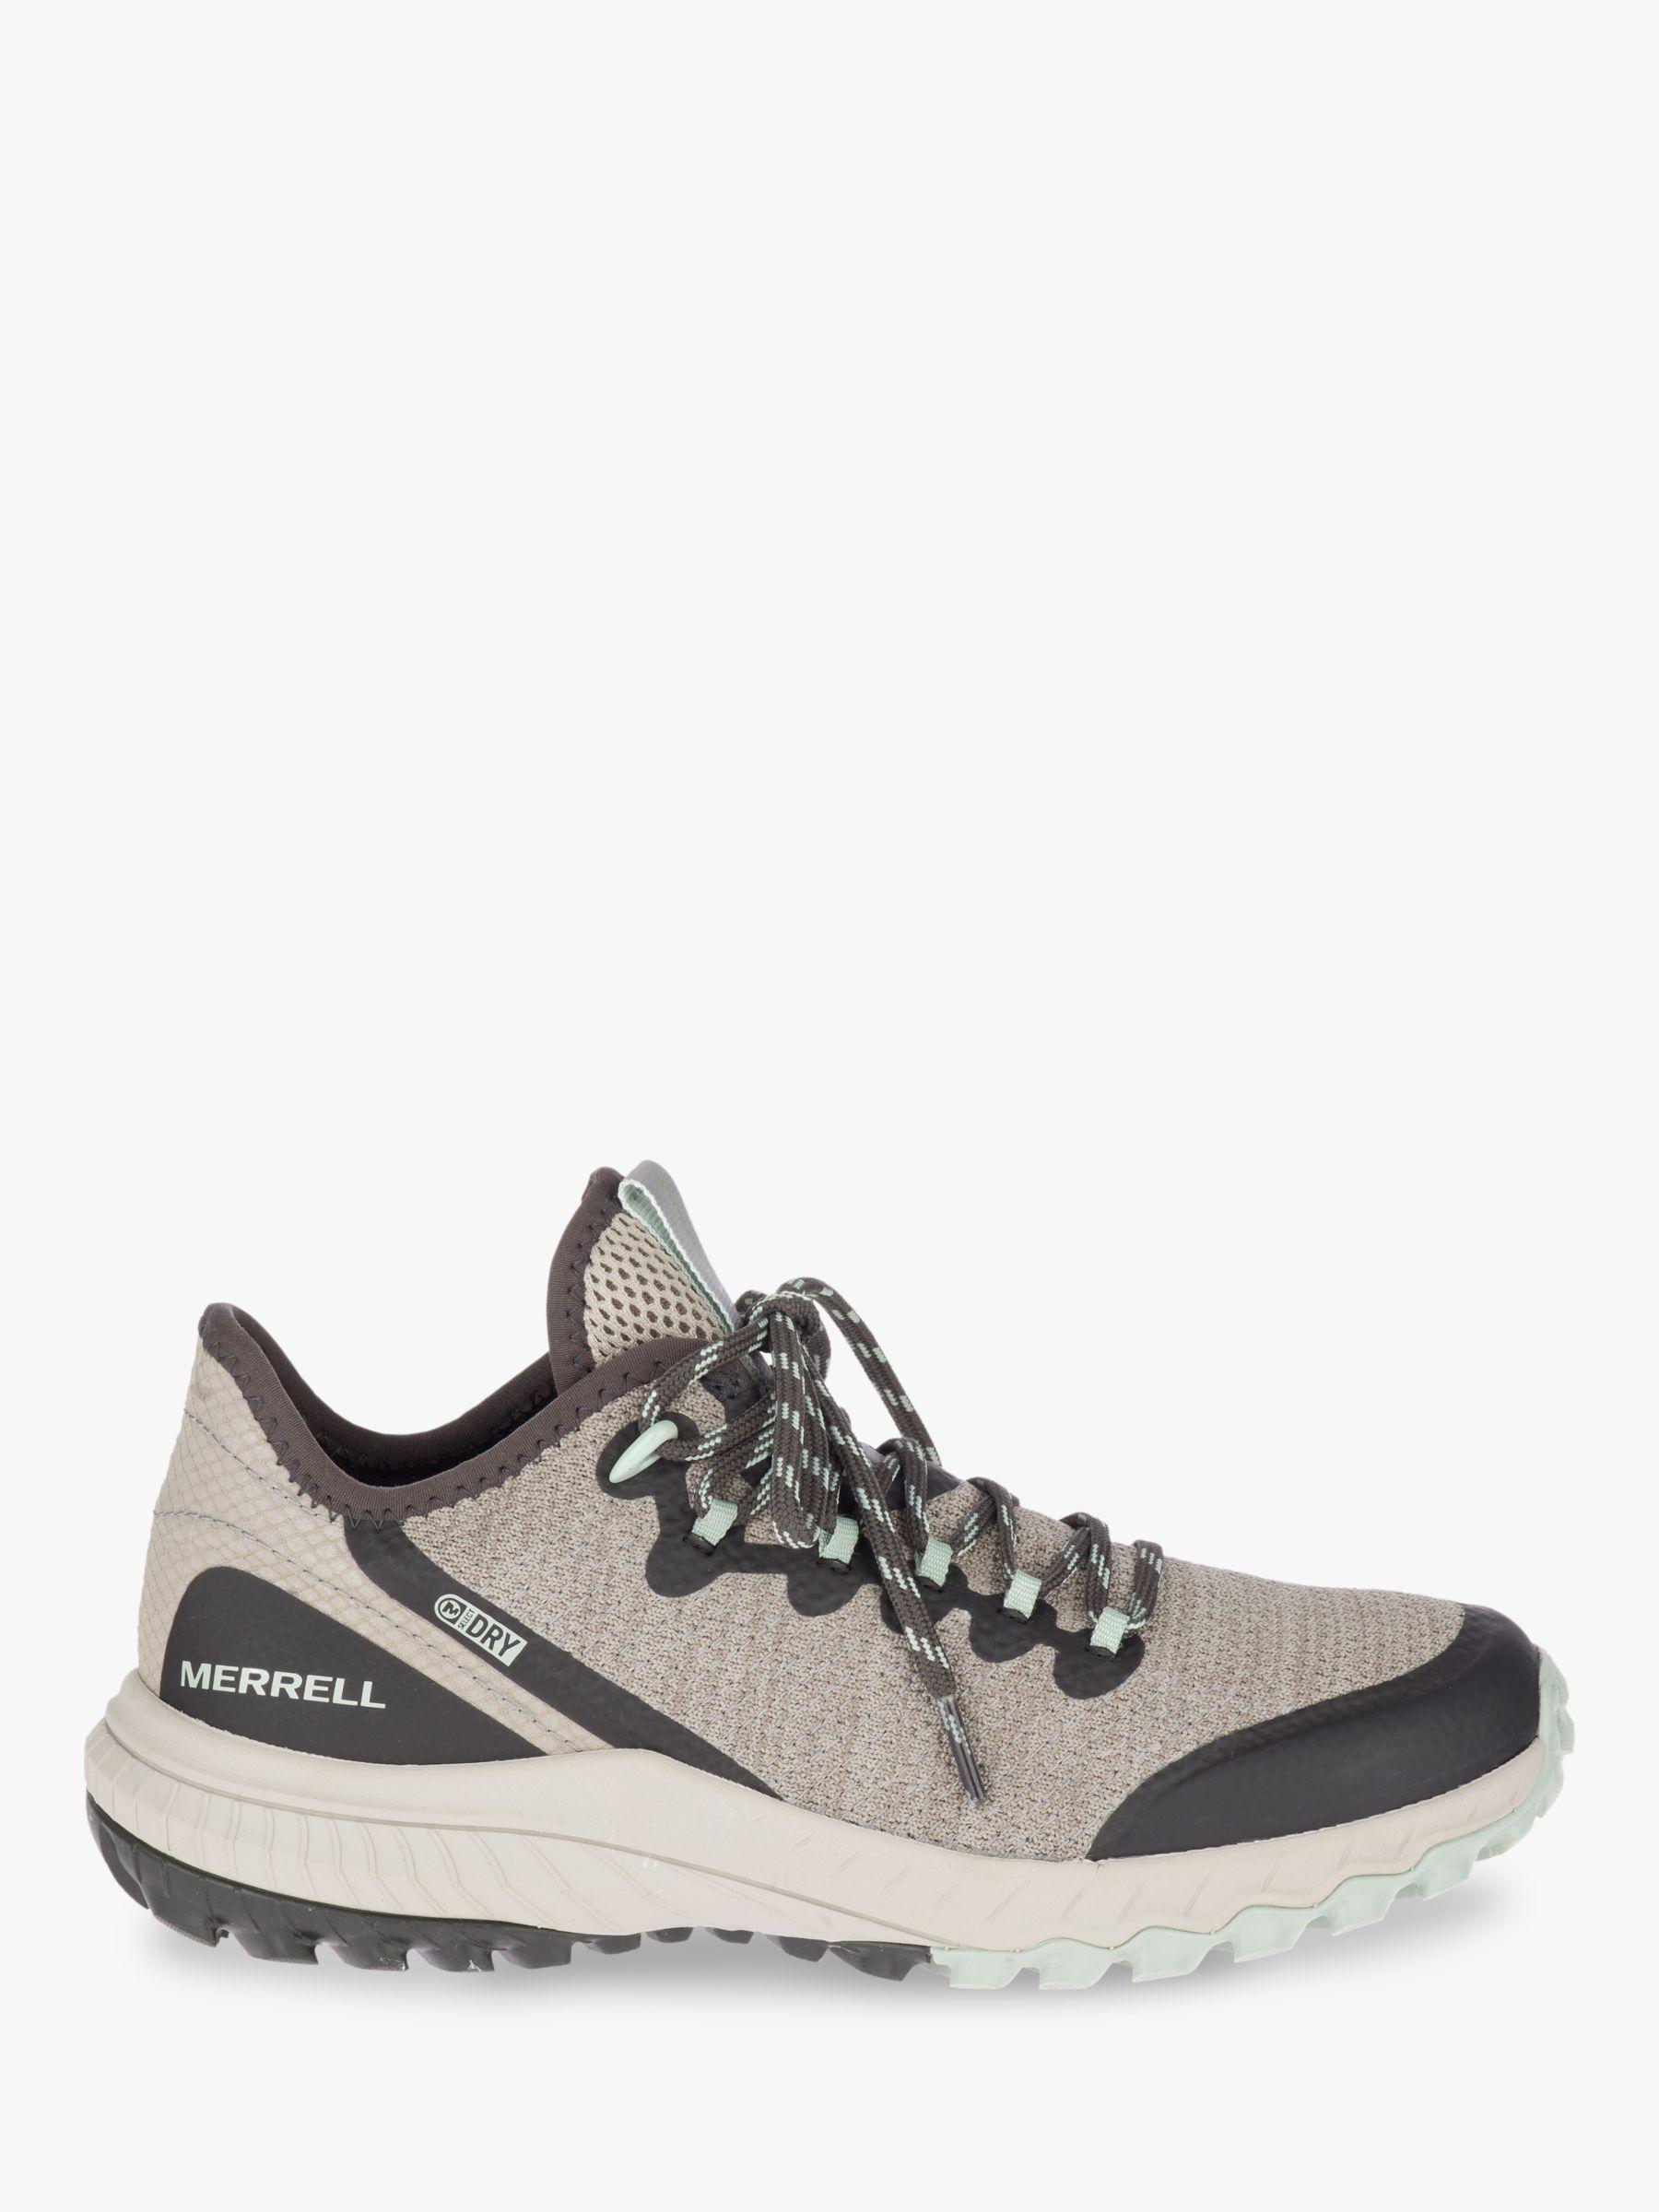 Merrell Merrell Bravada Women's Hiking Shoes, Aluminium